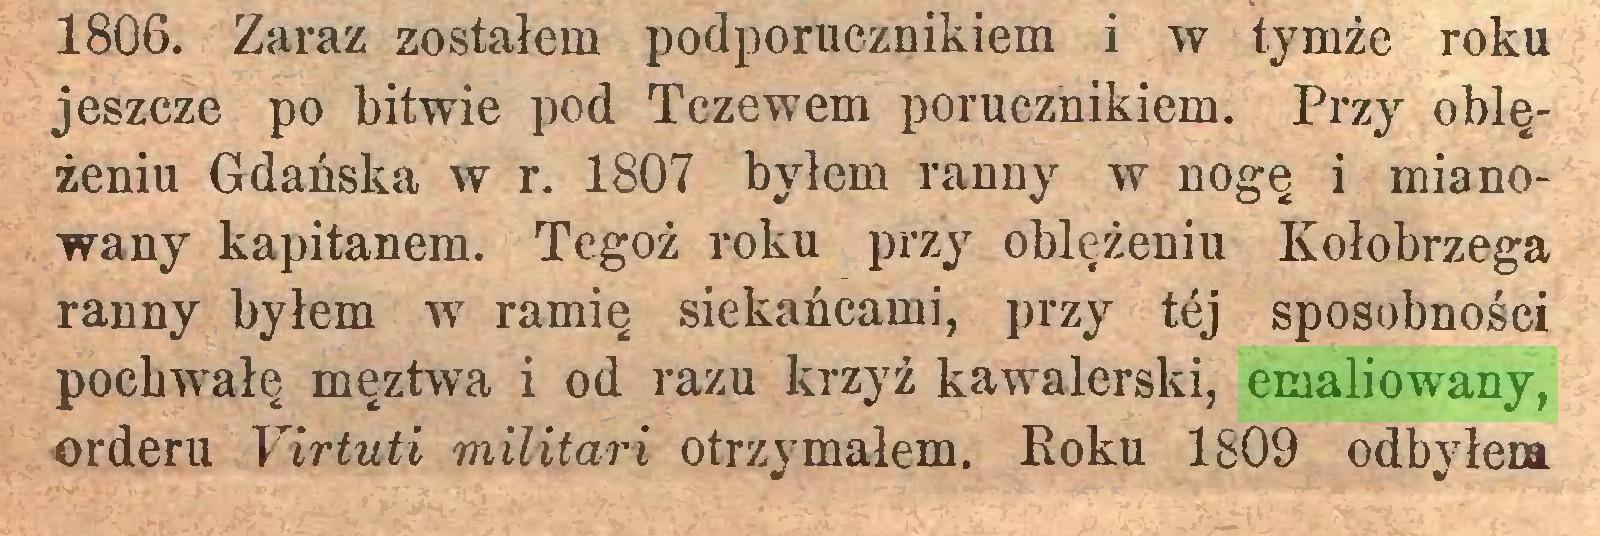 (...) 1806. Zaraz zostałem podporucznikiem i w tymże roku jeszcze po bitwie pod Tczewem porucznikiem. Przy oblężeniu Gdańska w r. 1807 byłem ranny w nogę i mianowany kapitanem. Tegoż roku przy oblężeniu Kołobrzega ranny byłem w ramię siekańcami, przy tej sposobności pochwałę męztwa i od razu krzyż kawalerski, emaliowany, orderu Yirłuti militari otrzymałem. Roku 1809 odbyłem...